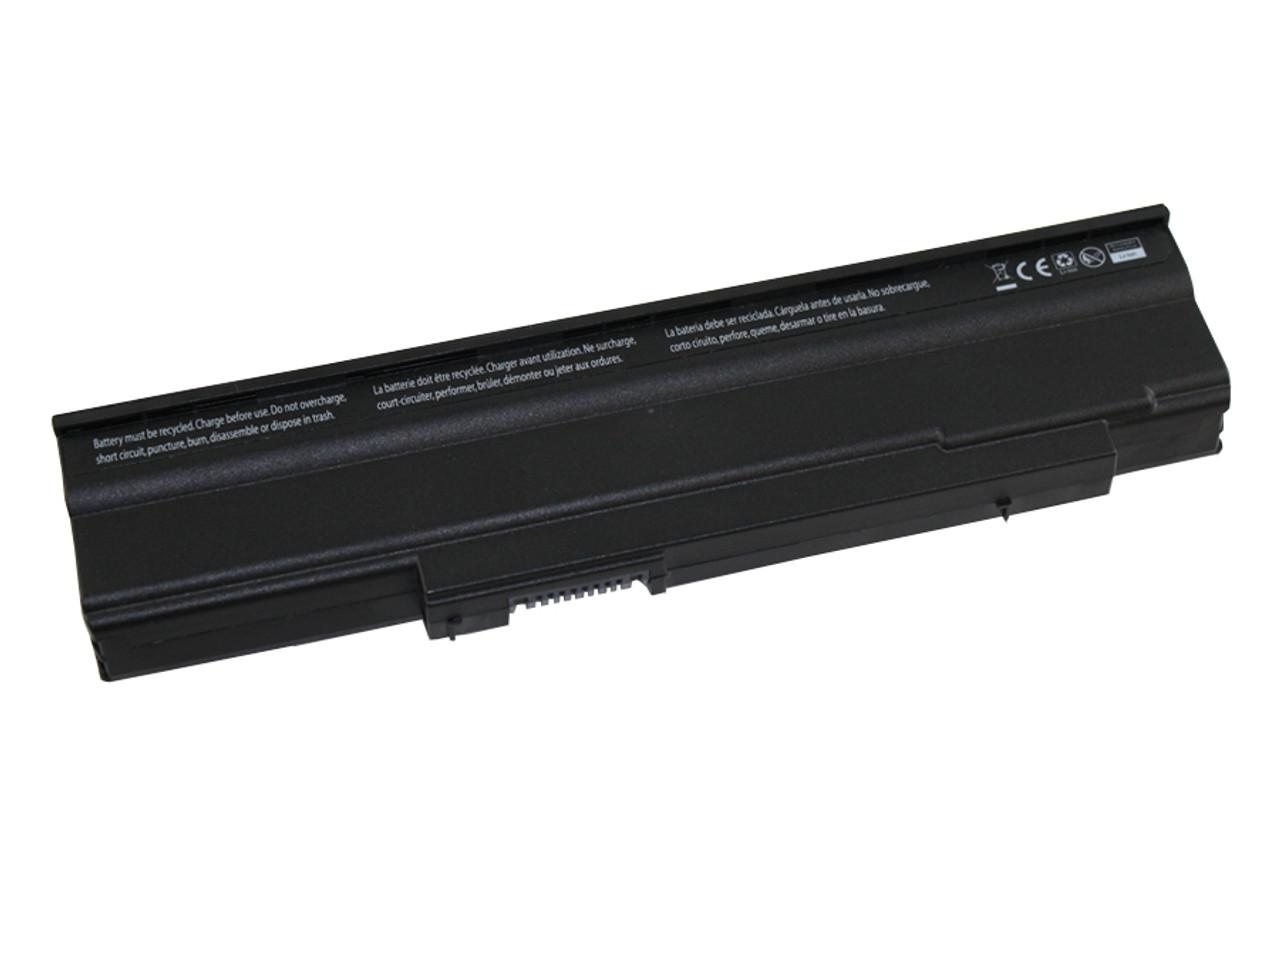 Acer Extensa 5235 5635 AS09C31 battery